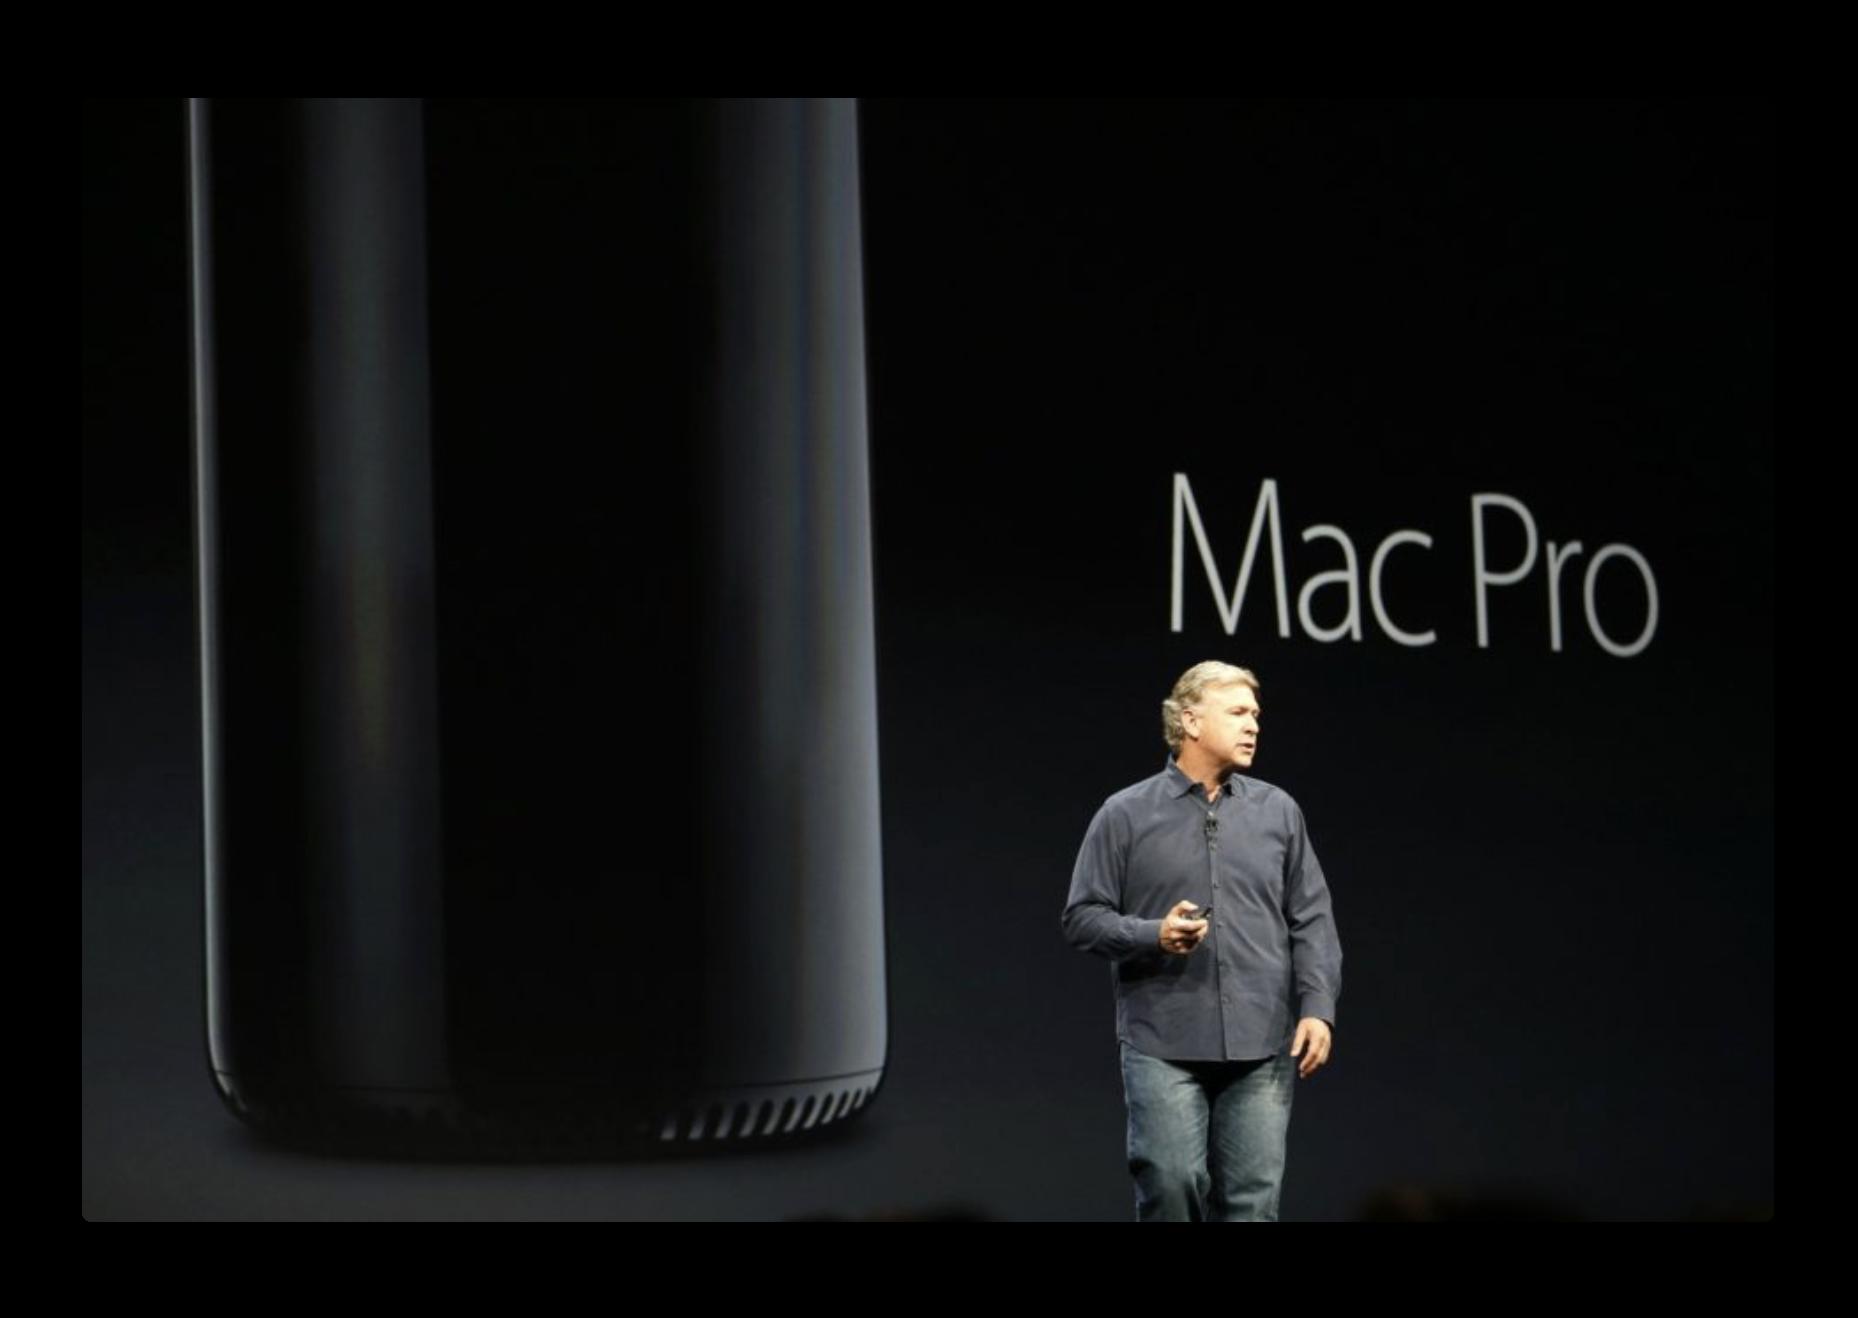 Apple、2019年に新しいMac Proをリリースする計画を発表